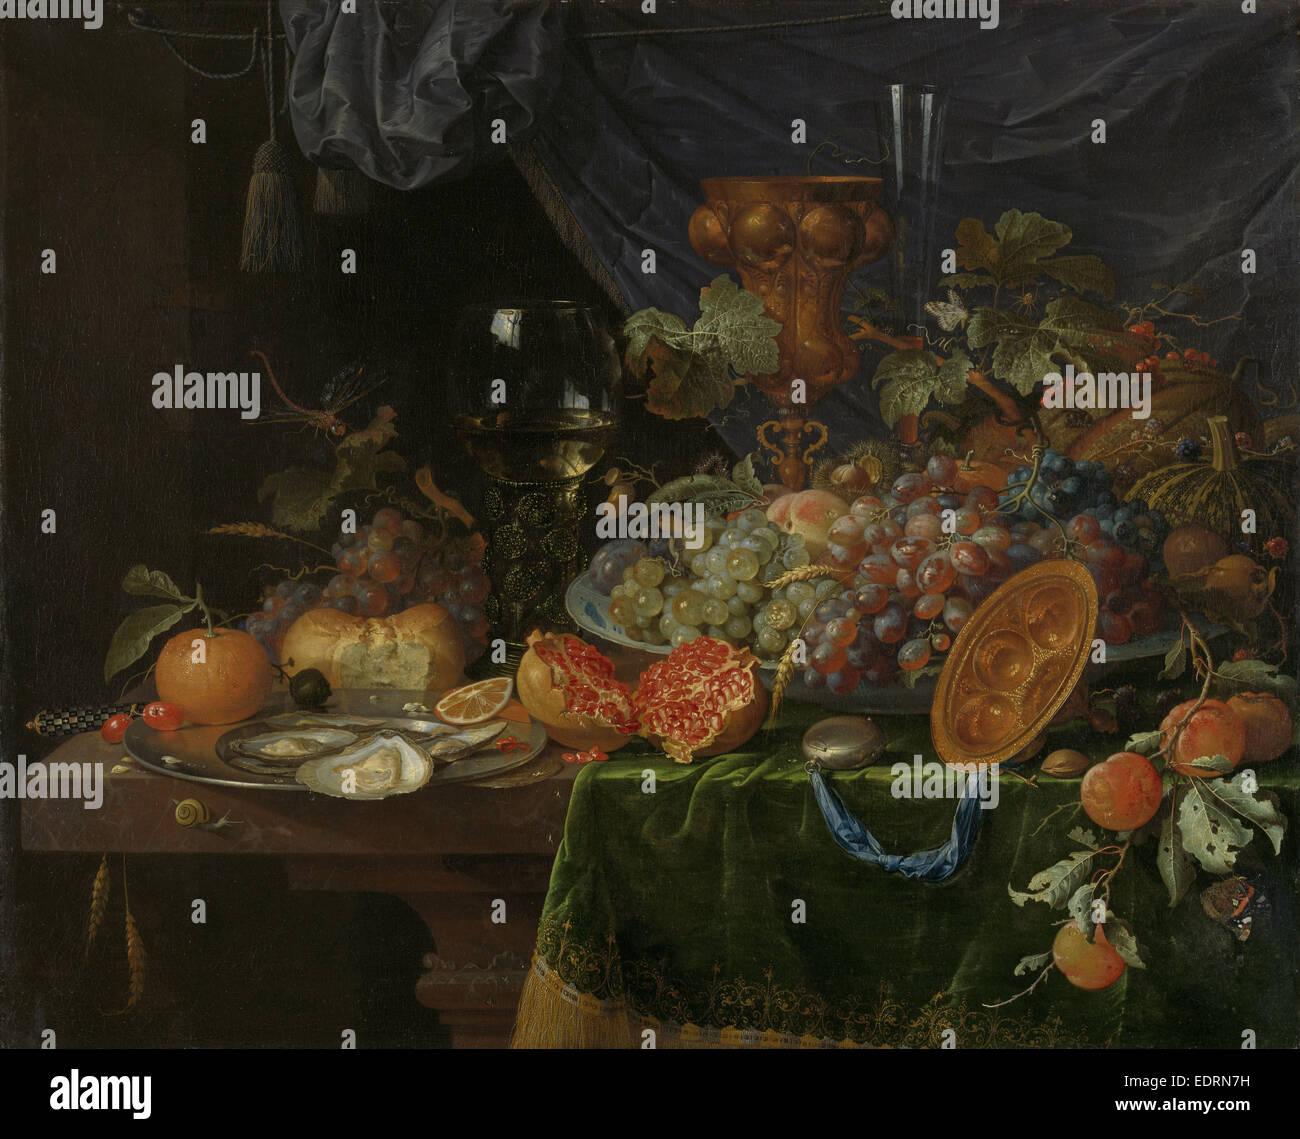 Nature morte avec fruits et les huîtres, Abraham Mignon, 1660 - 1679 Photo Stock